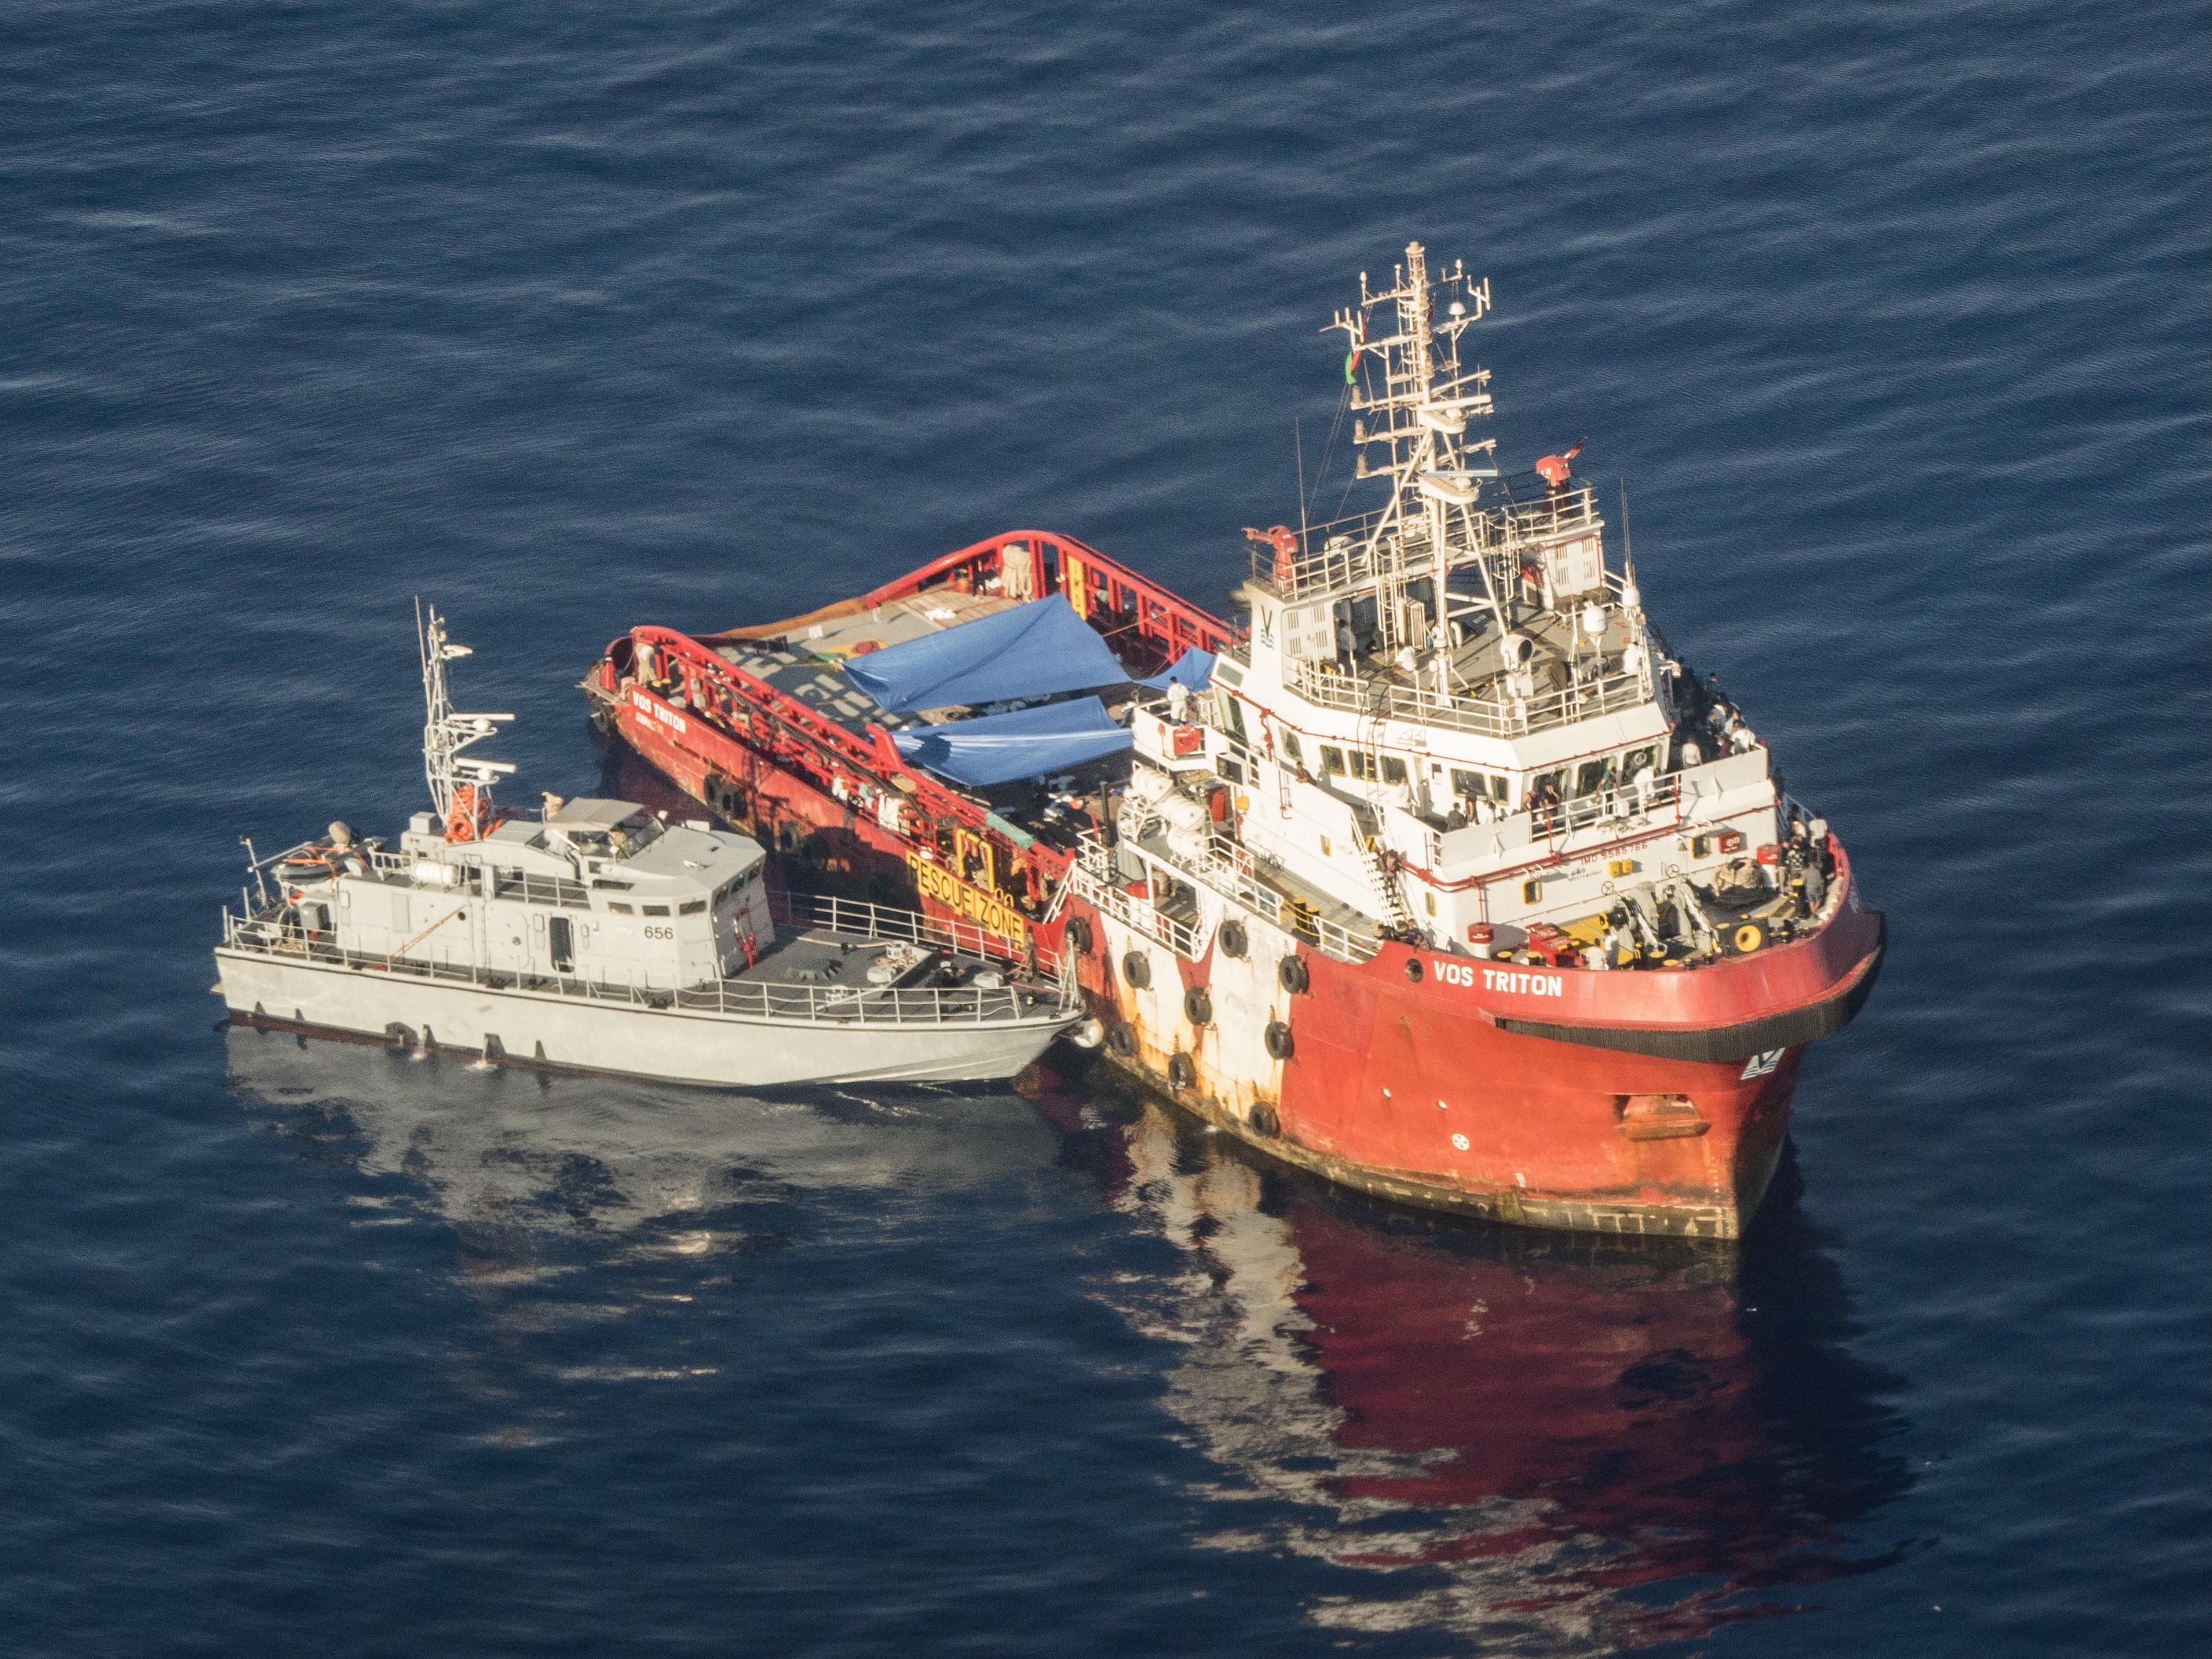 La motovedetta libica affianca il mercantile per catturare i migranti